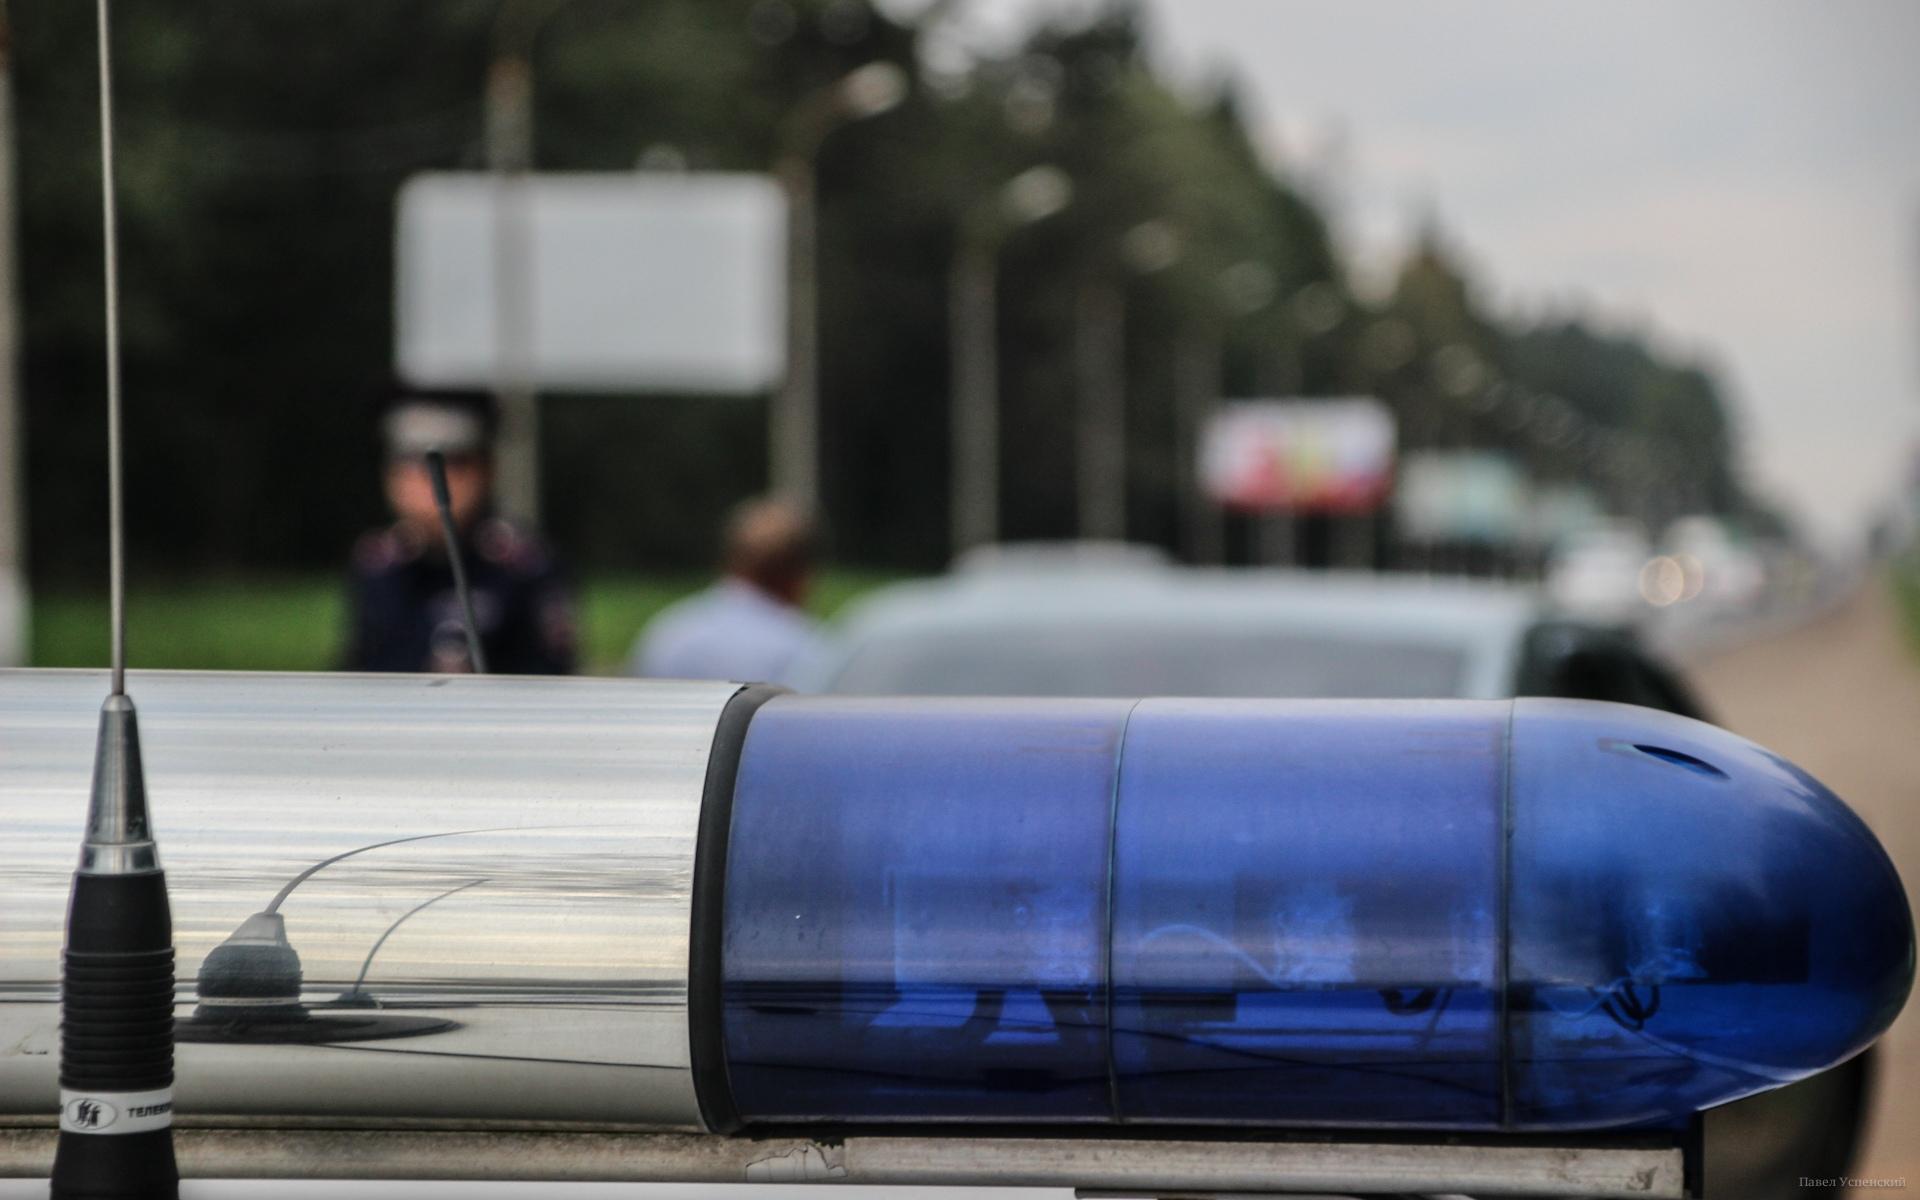 В Тверской области задержали грузовик с украденным в Калуге экскаватором - новости Афанасий